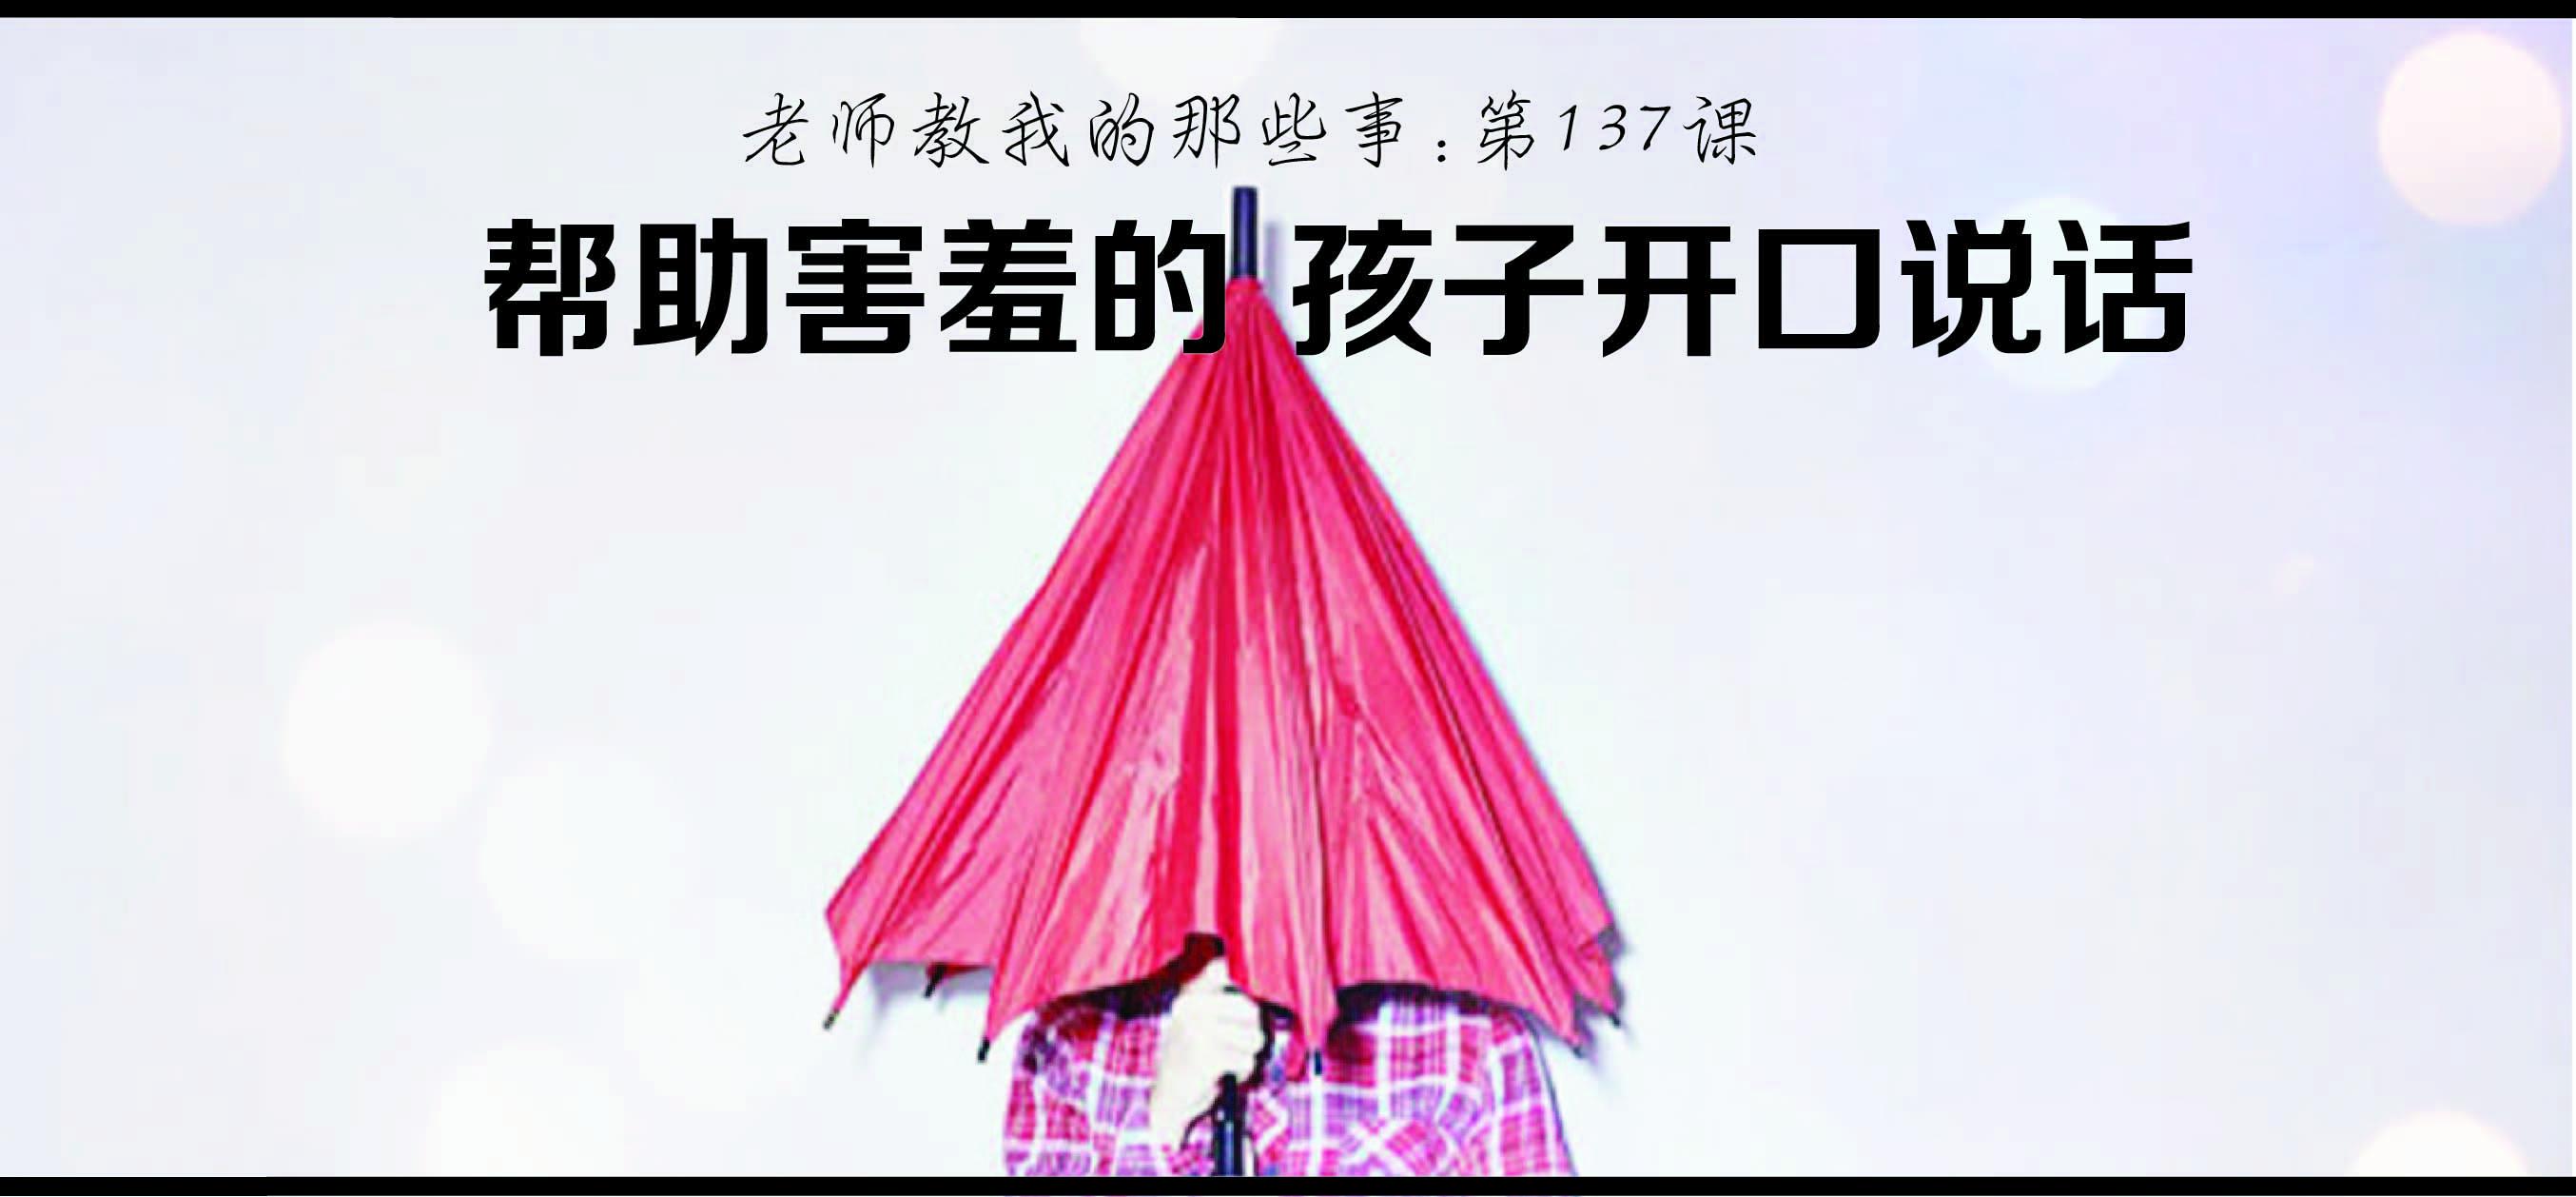 摄理教育_作家_137_害羞_撑雨伞_遮盖脸